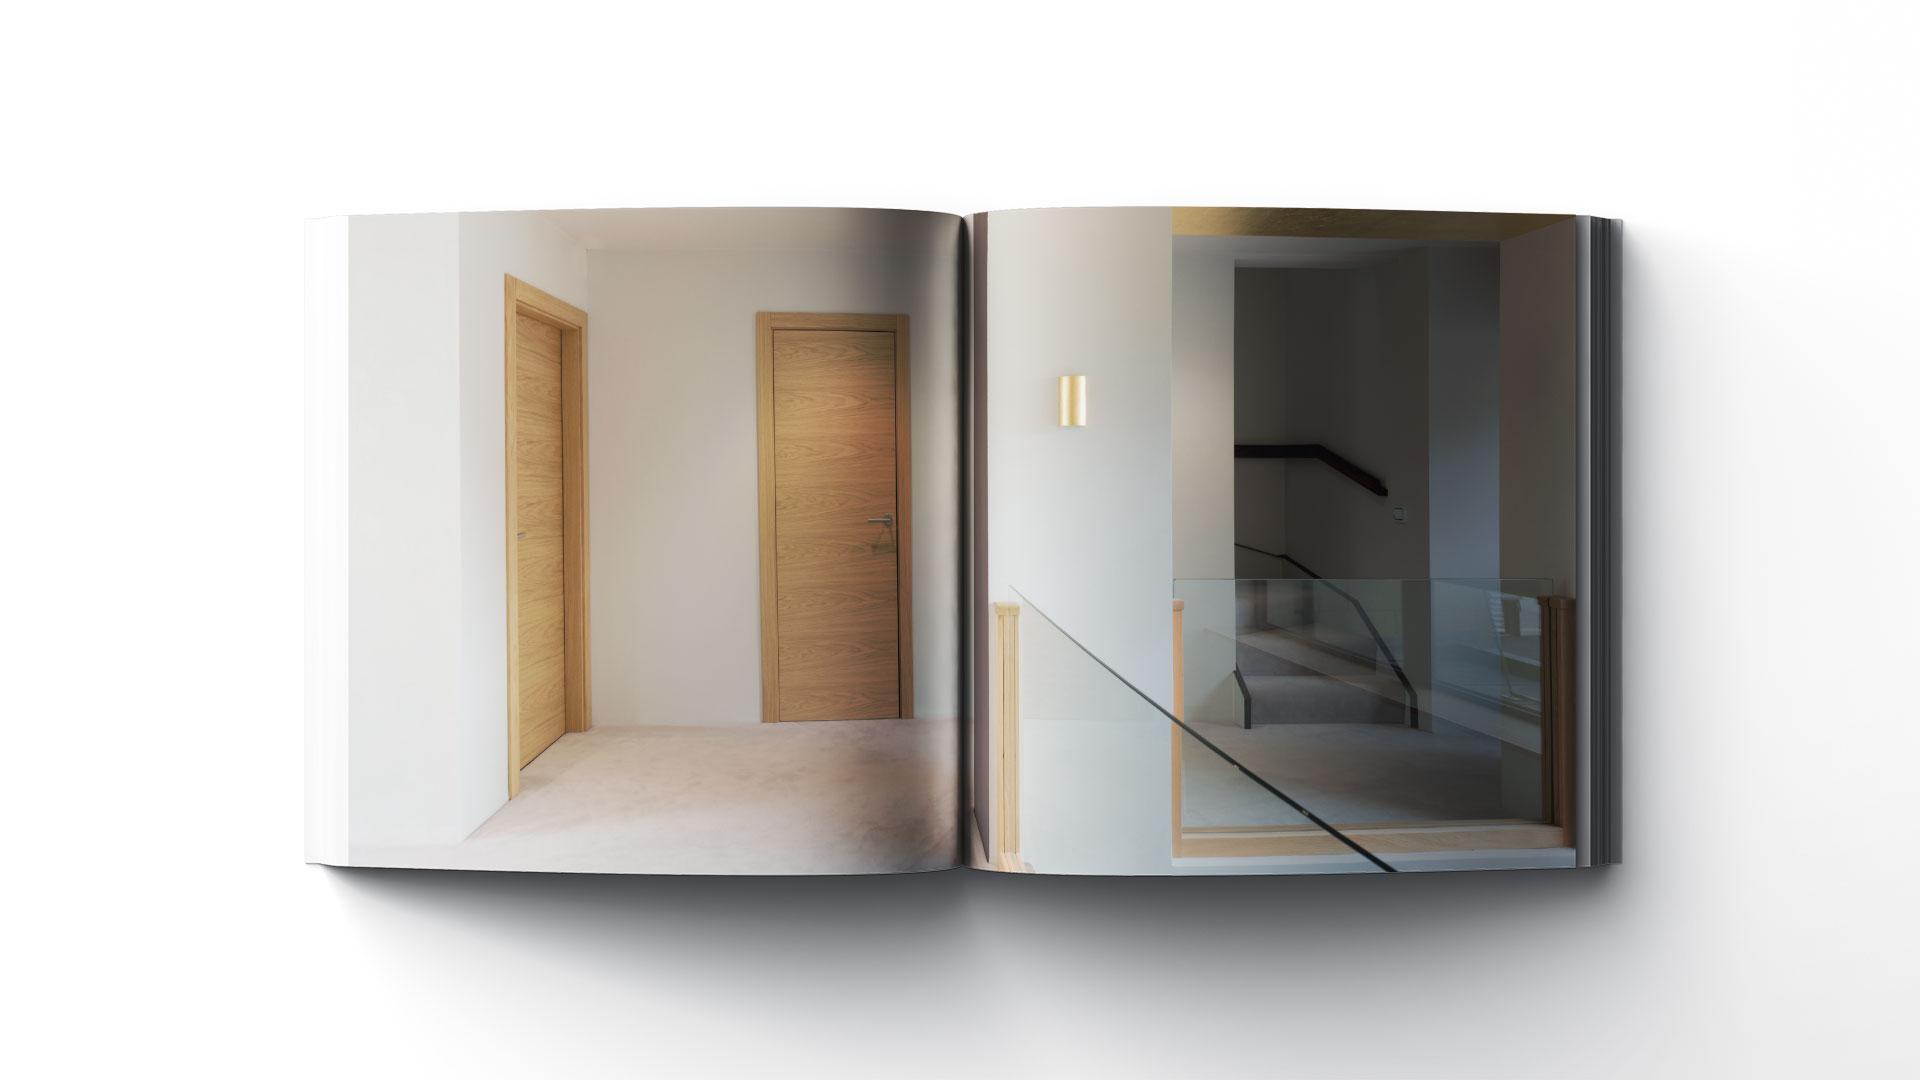 Deuren-Art-of-Door-Book-Spread-3